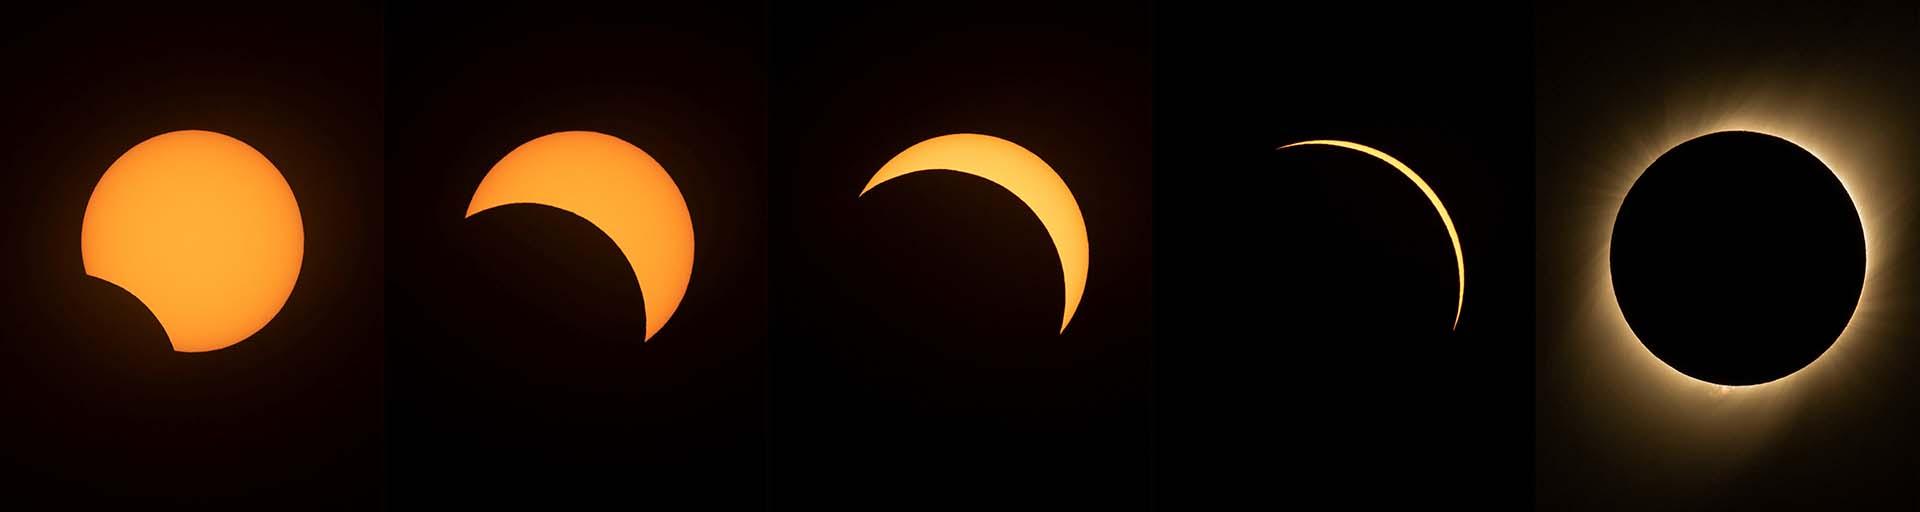 Esta combinación de imágenes creada el 02 de julio de 2019 muestra diferentes etapas del eclipse solar visto desde el Observatorio Europeo Austral (ESO) La Silla en La Higuera, región de Coquimbo, Chile (Photos by MARTIN BERNETTI / AFP)